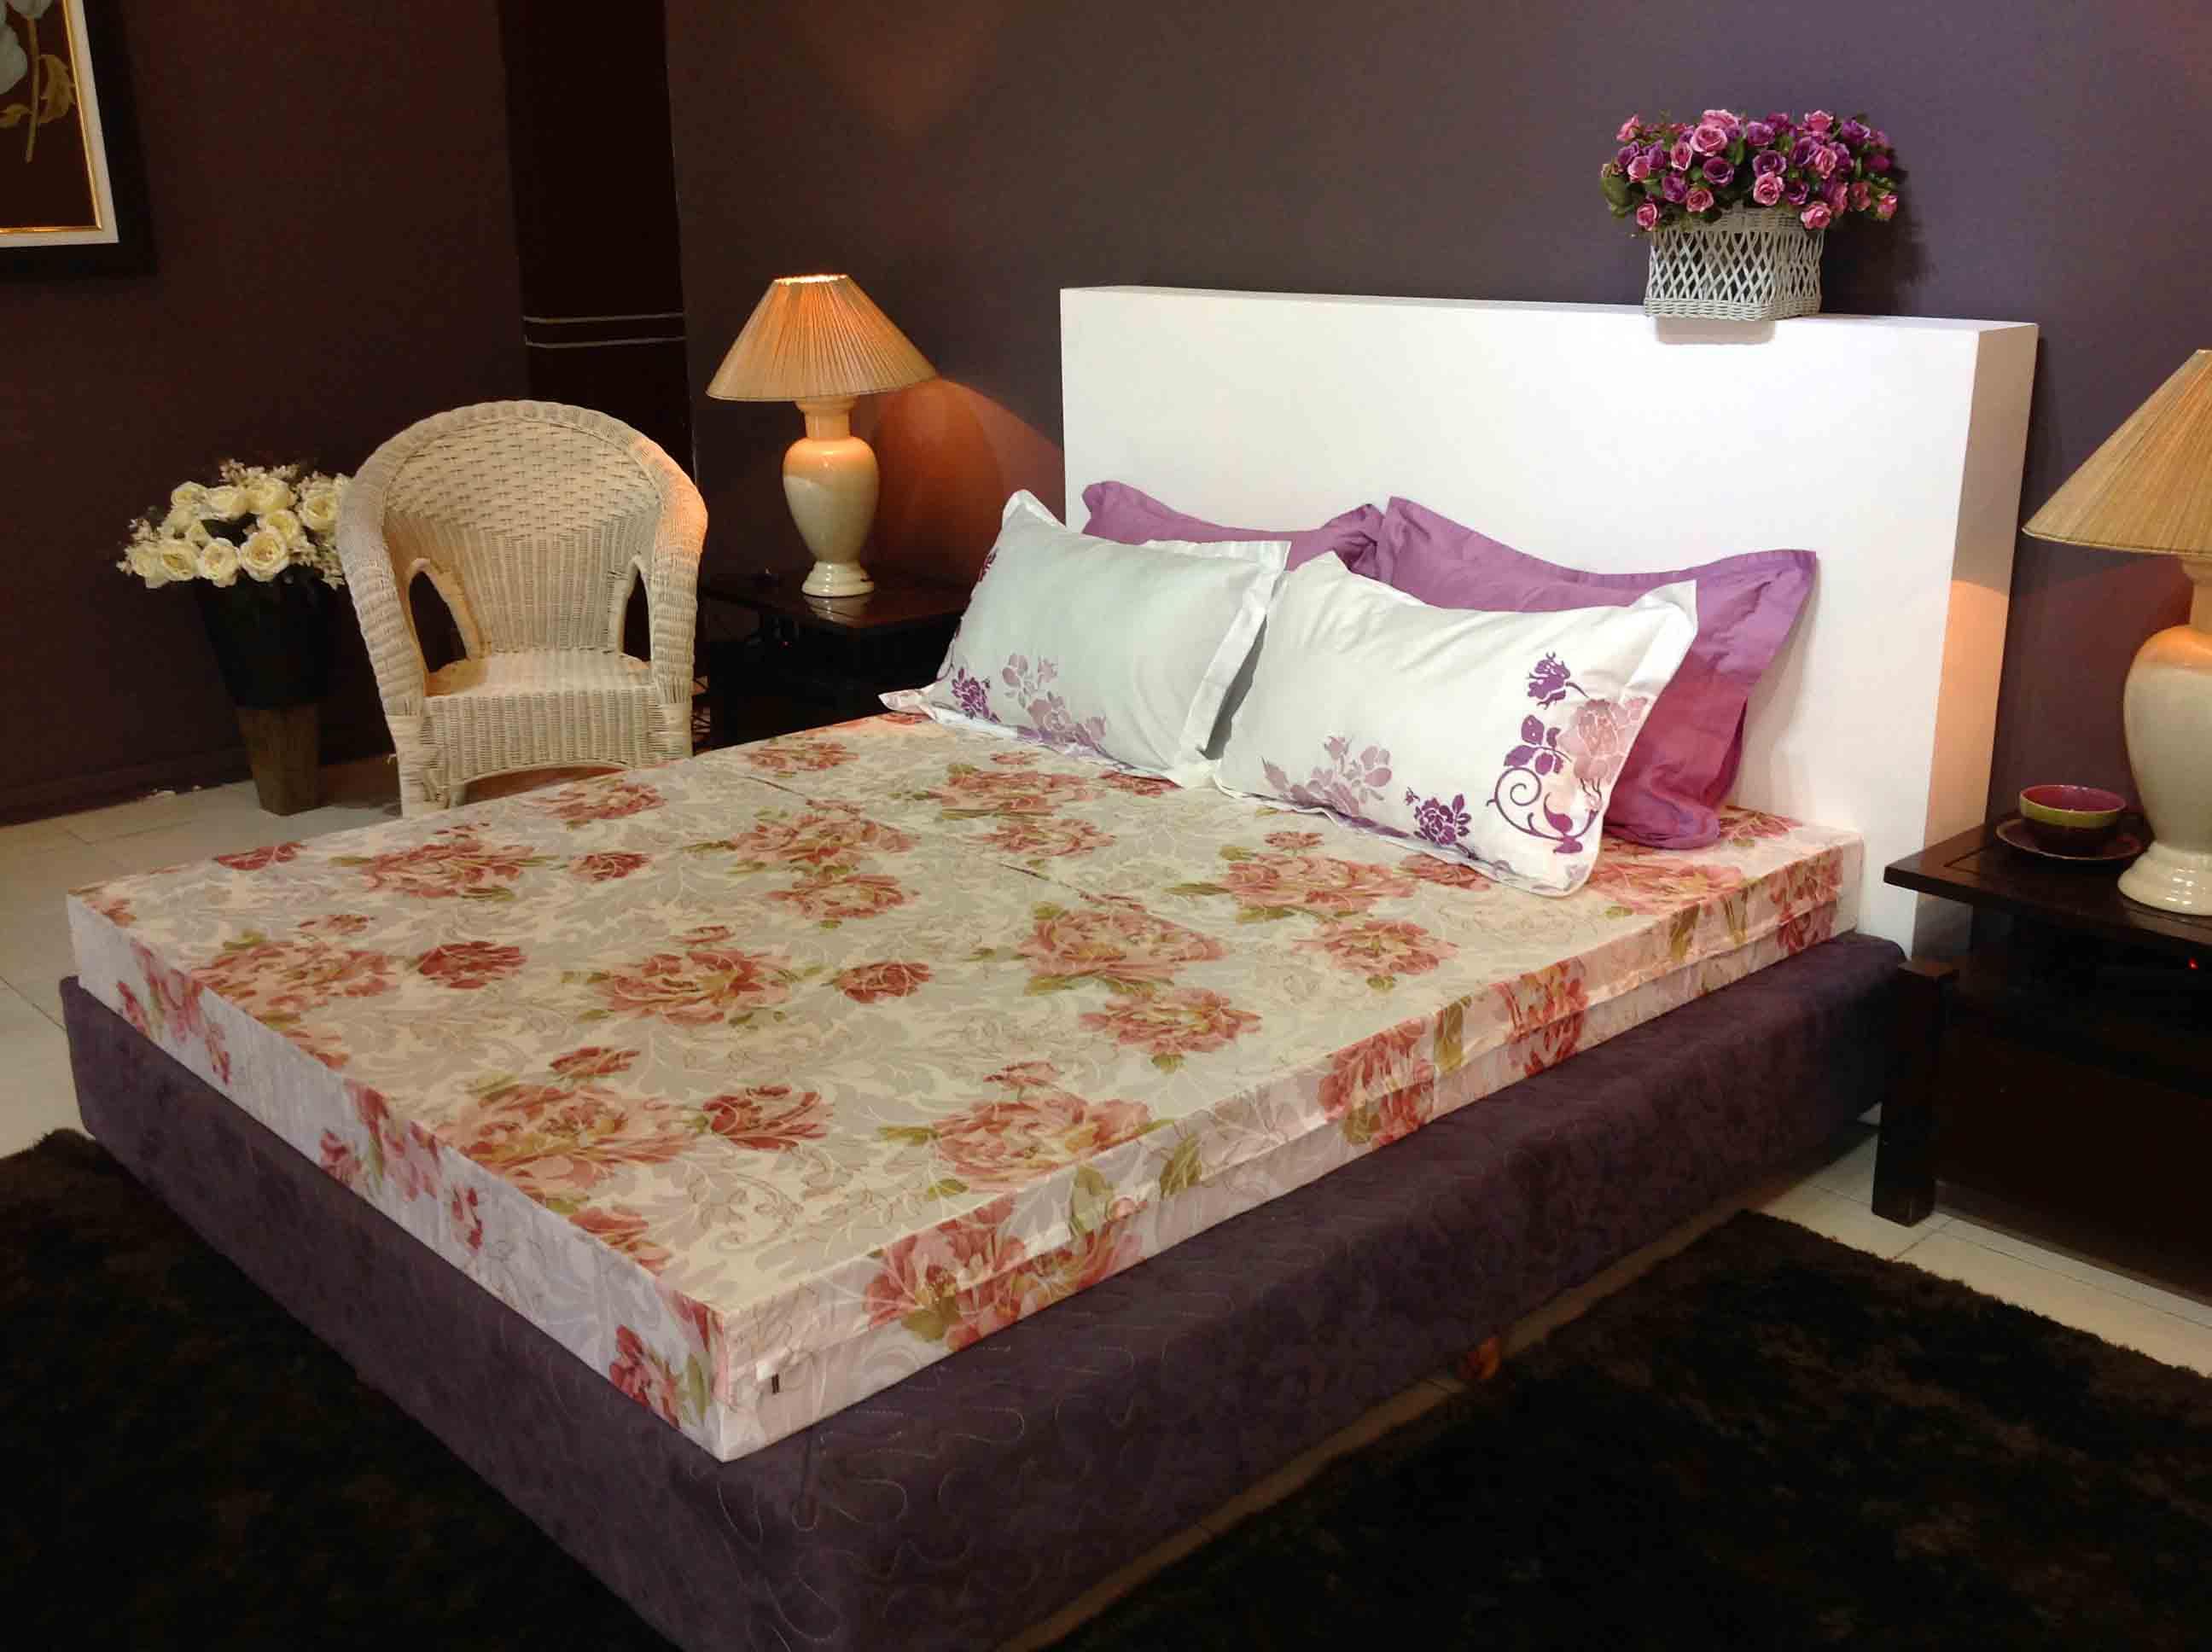 Một tấm đệm lò xo cao cấp sẽ làm đẹp thêm cho phòng ngủ